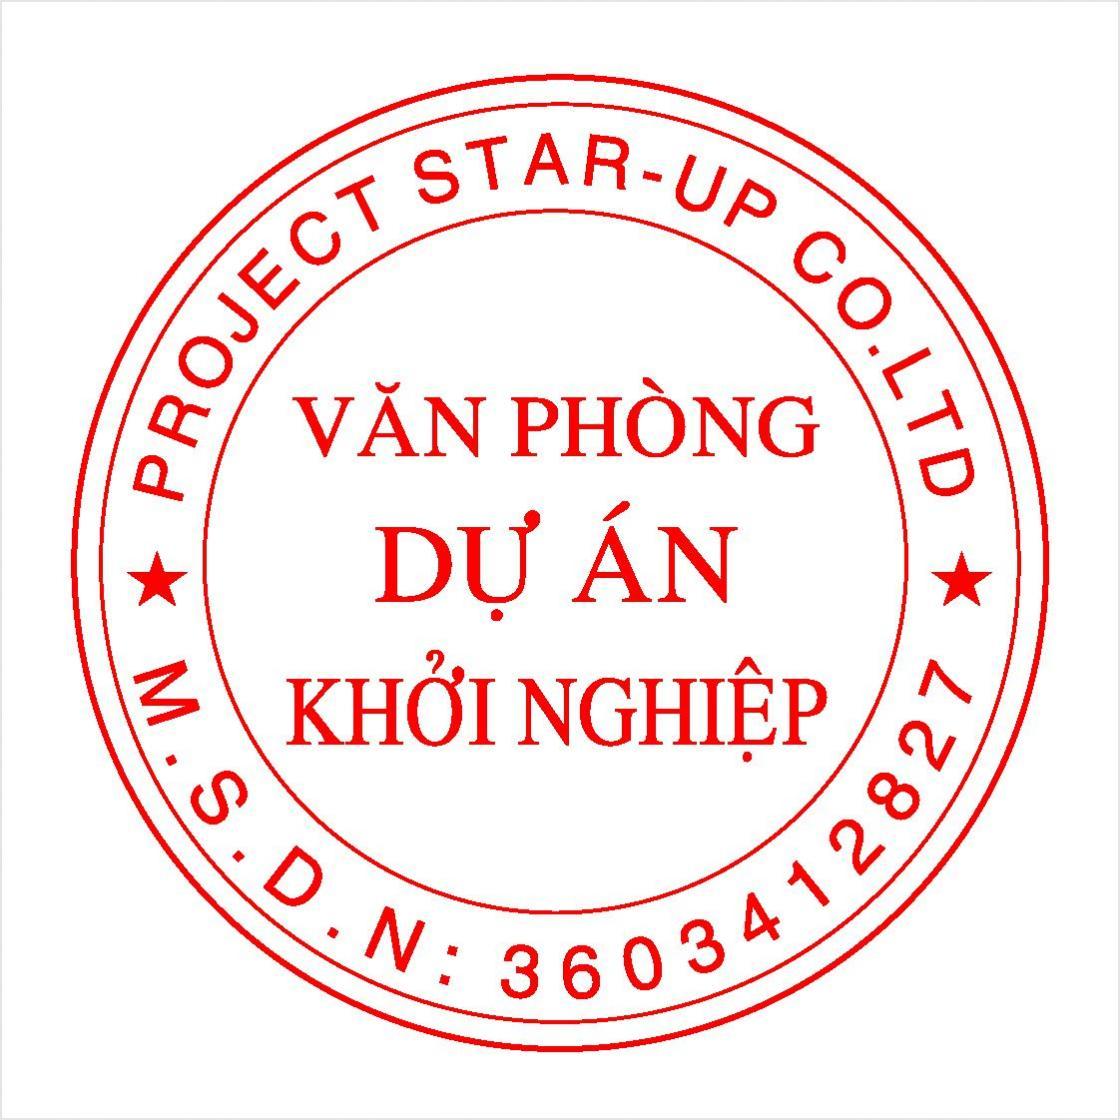 khac-dau-tron-van-phong-du-an-khoi-nghiep